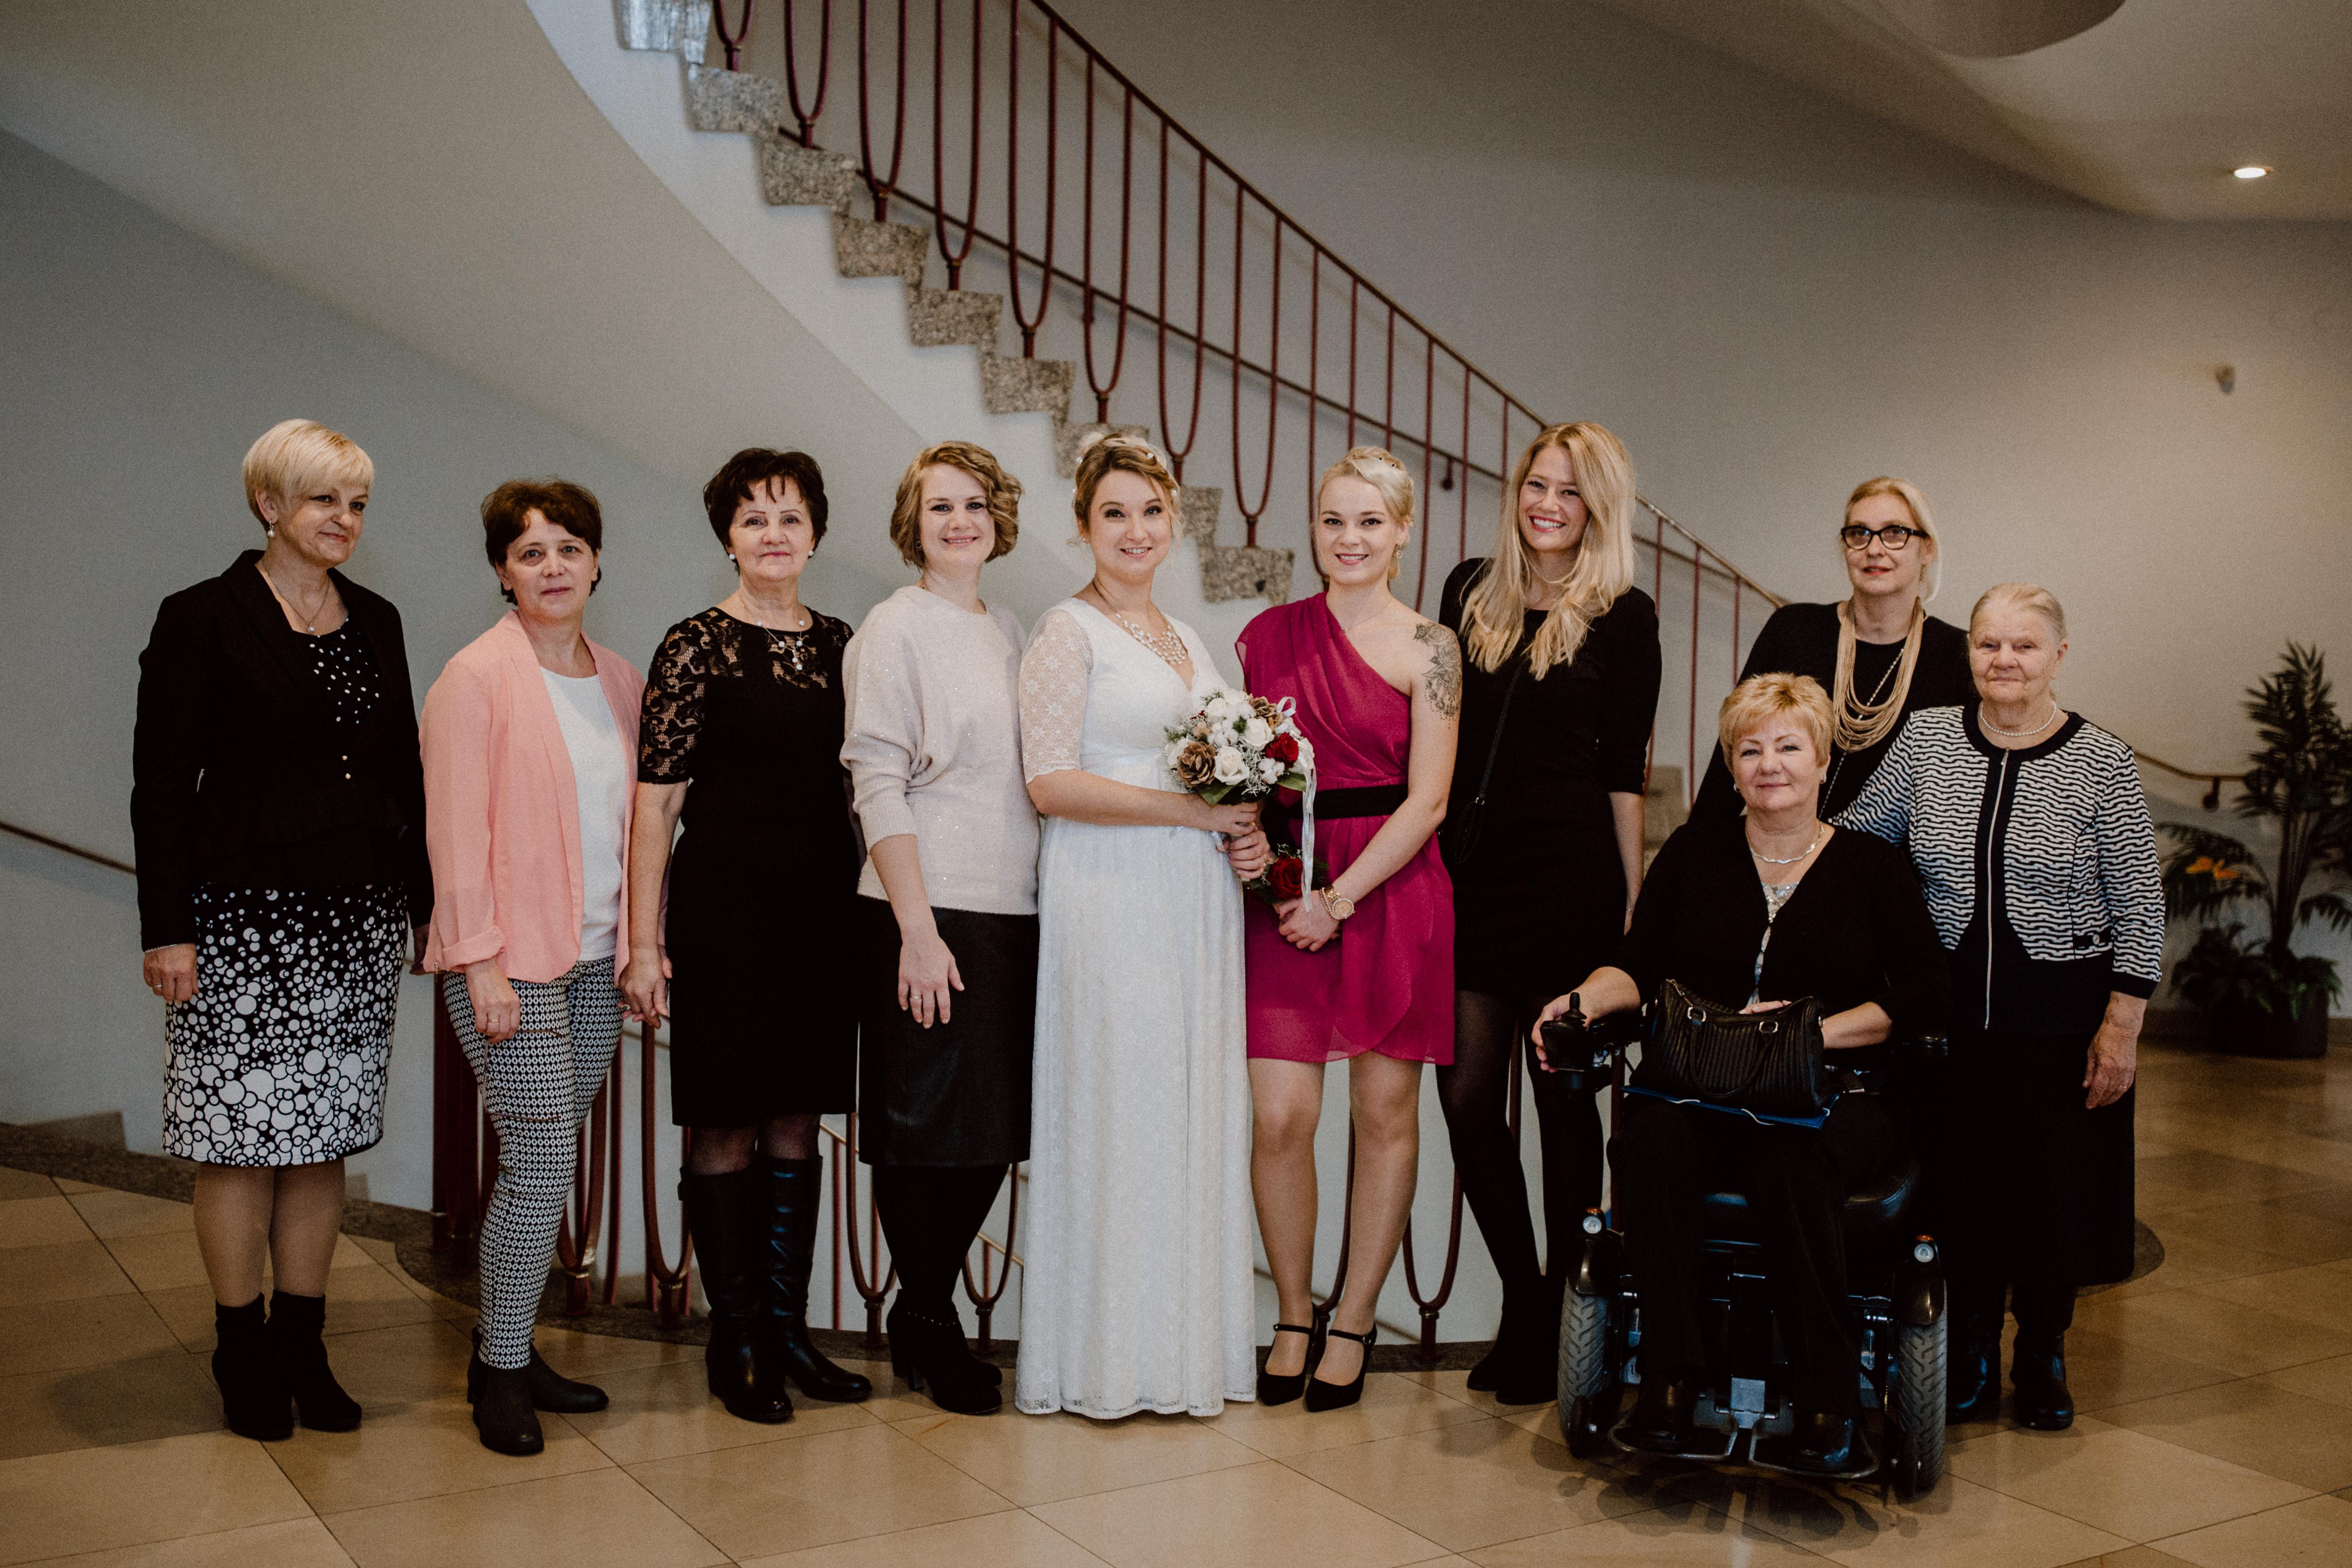 URBANERIE_Daniela_Goth_Hochzeitsfotografin_Nürnberg_Fürth_Erlangen_Schwabach_171110_0348